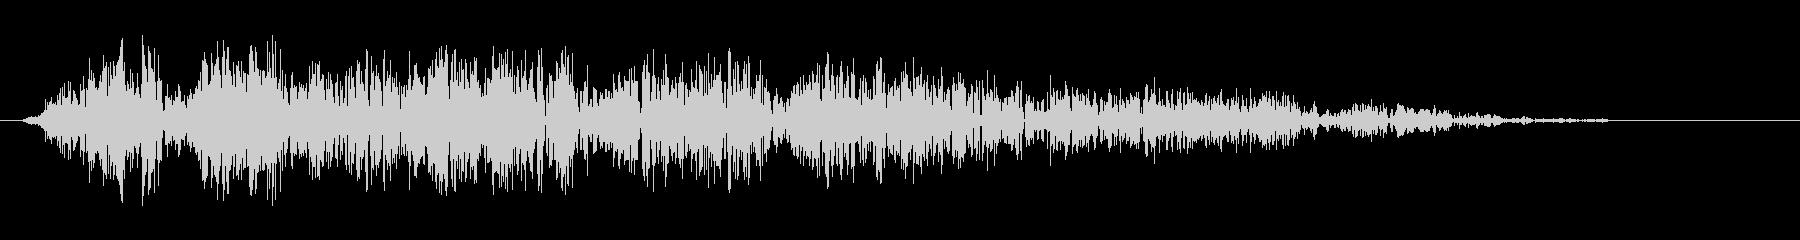 ビュシュワワ(回転系音)の未再生の波形